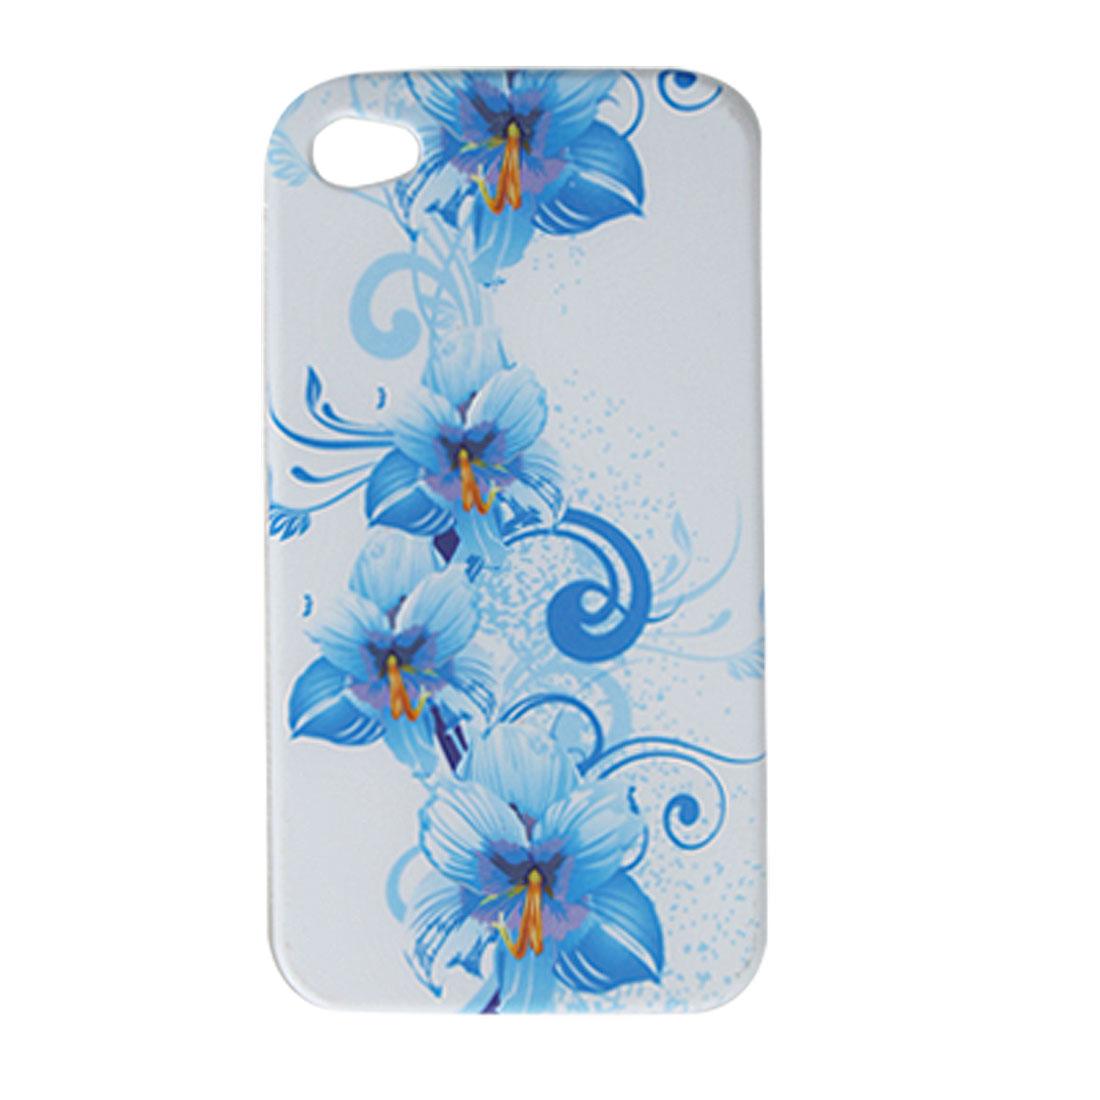 Blue Flower White Soft Plastic Case for Apple iPhone 4 4G